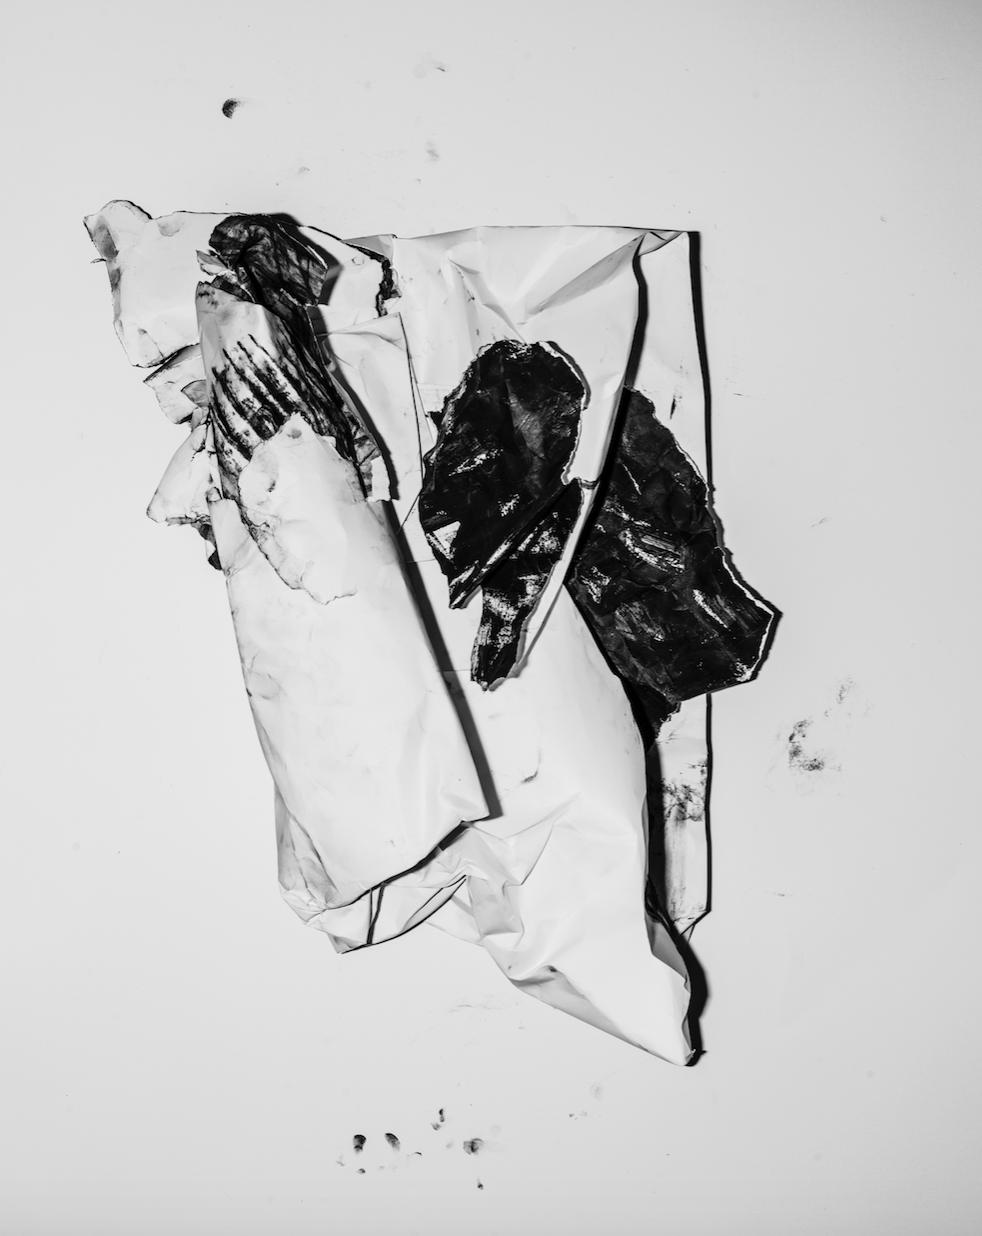 T.T.T.T. - Photo sur papier barite - 90 x 112 cm